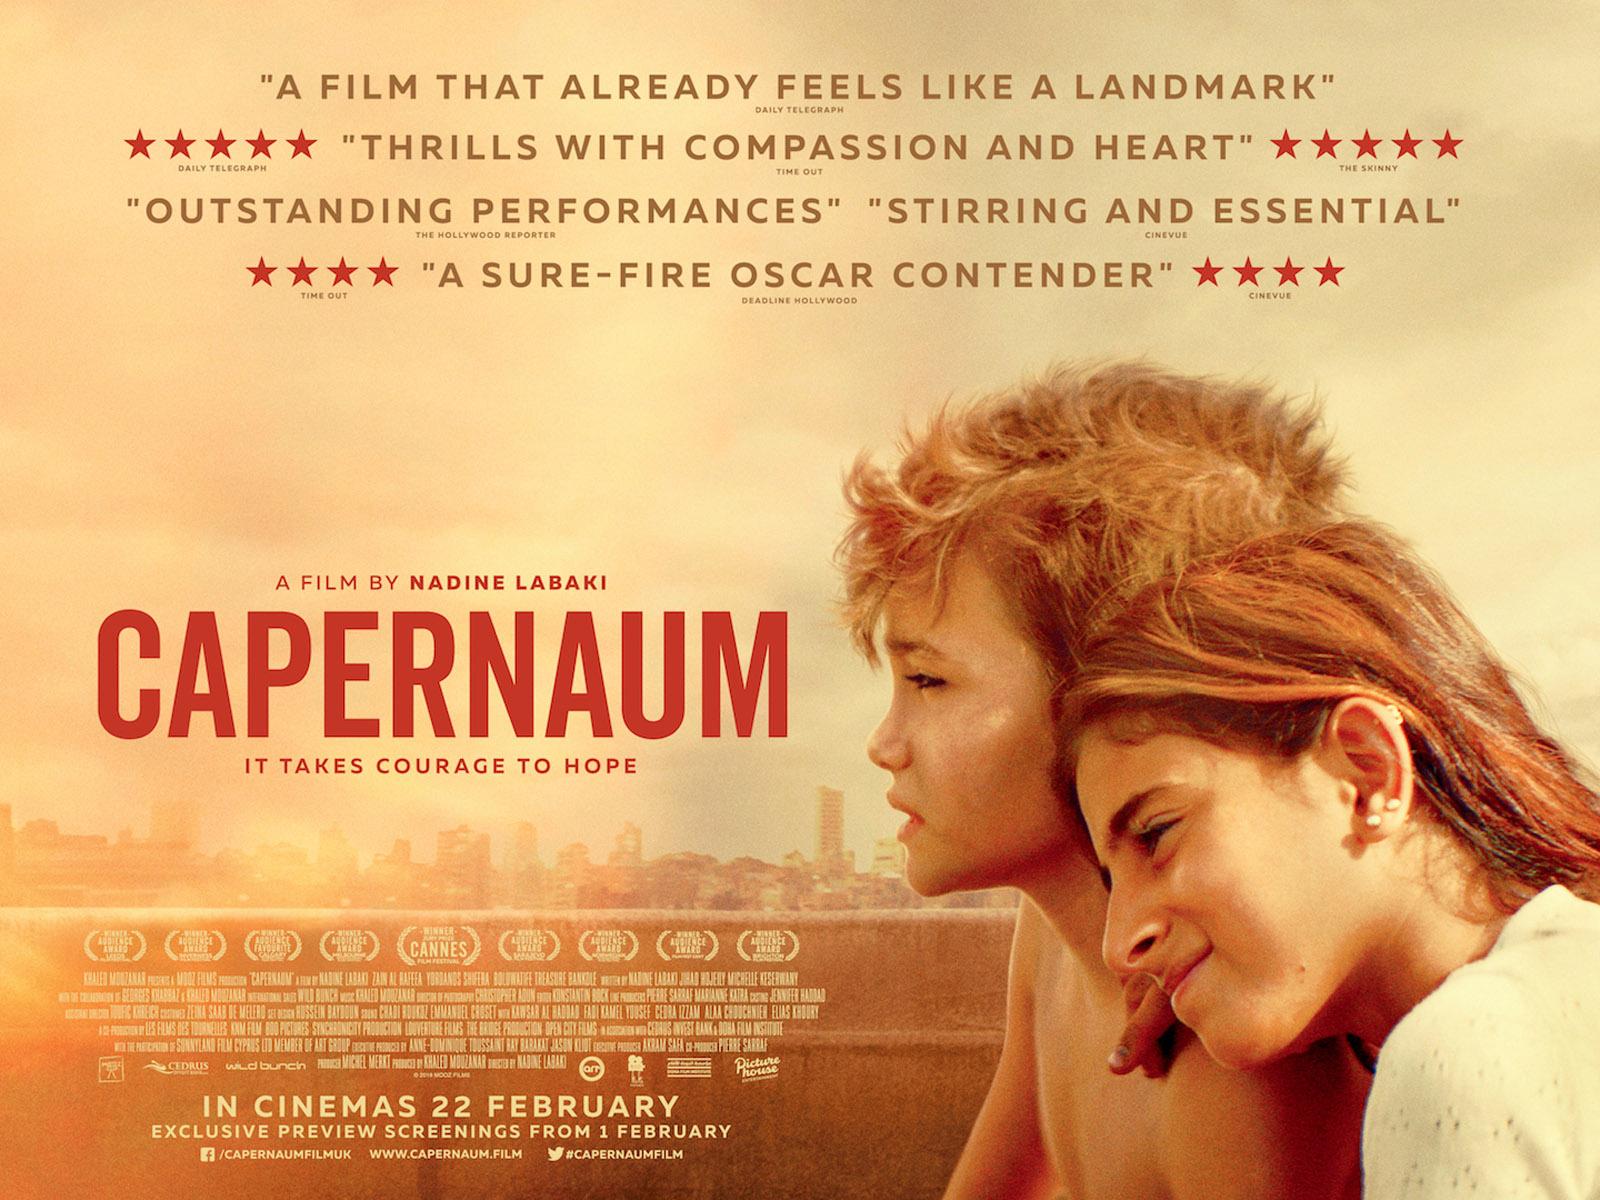 「Capernaum 2018 uk poster」的圖片搜尋結果